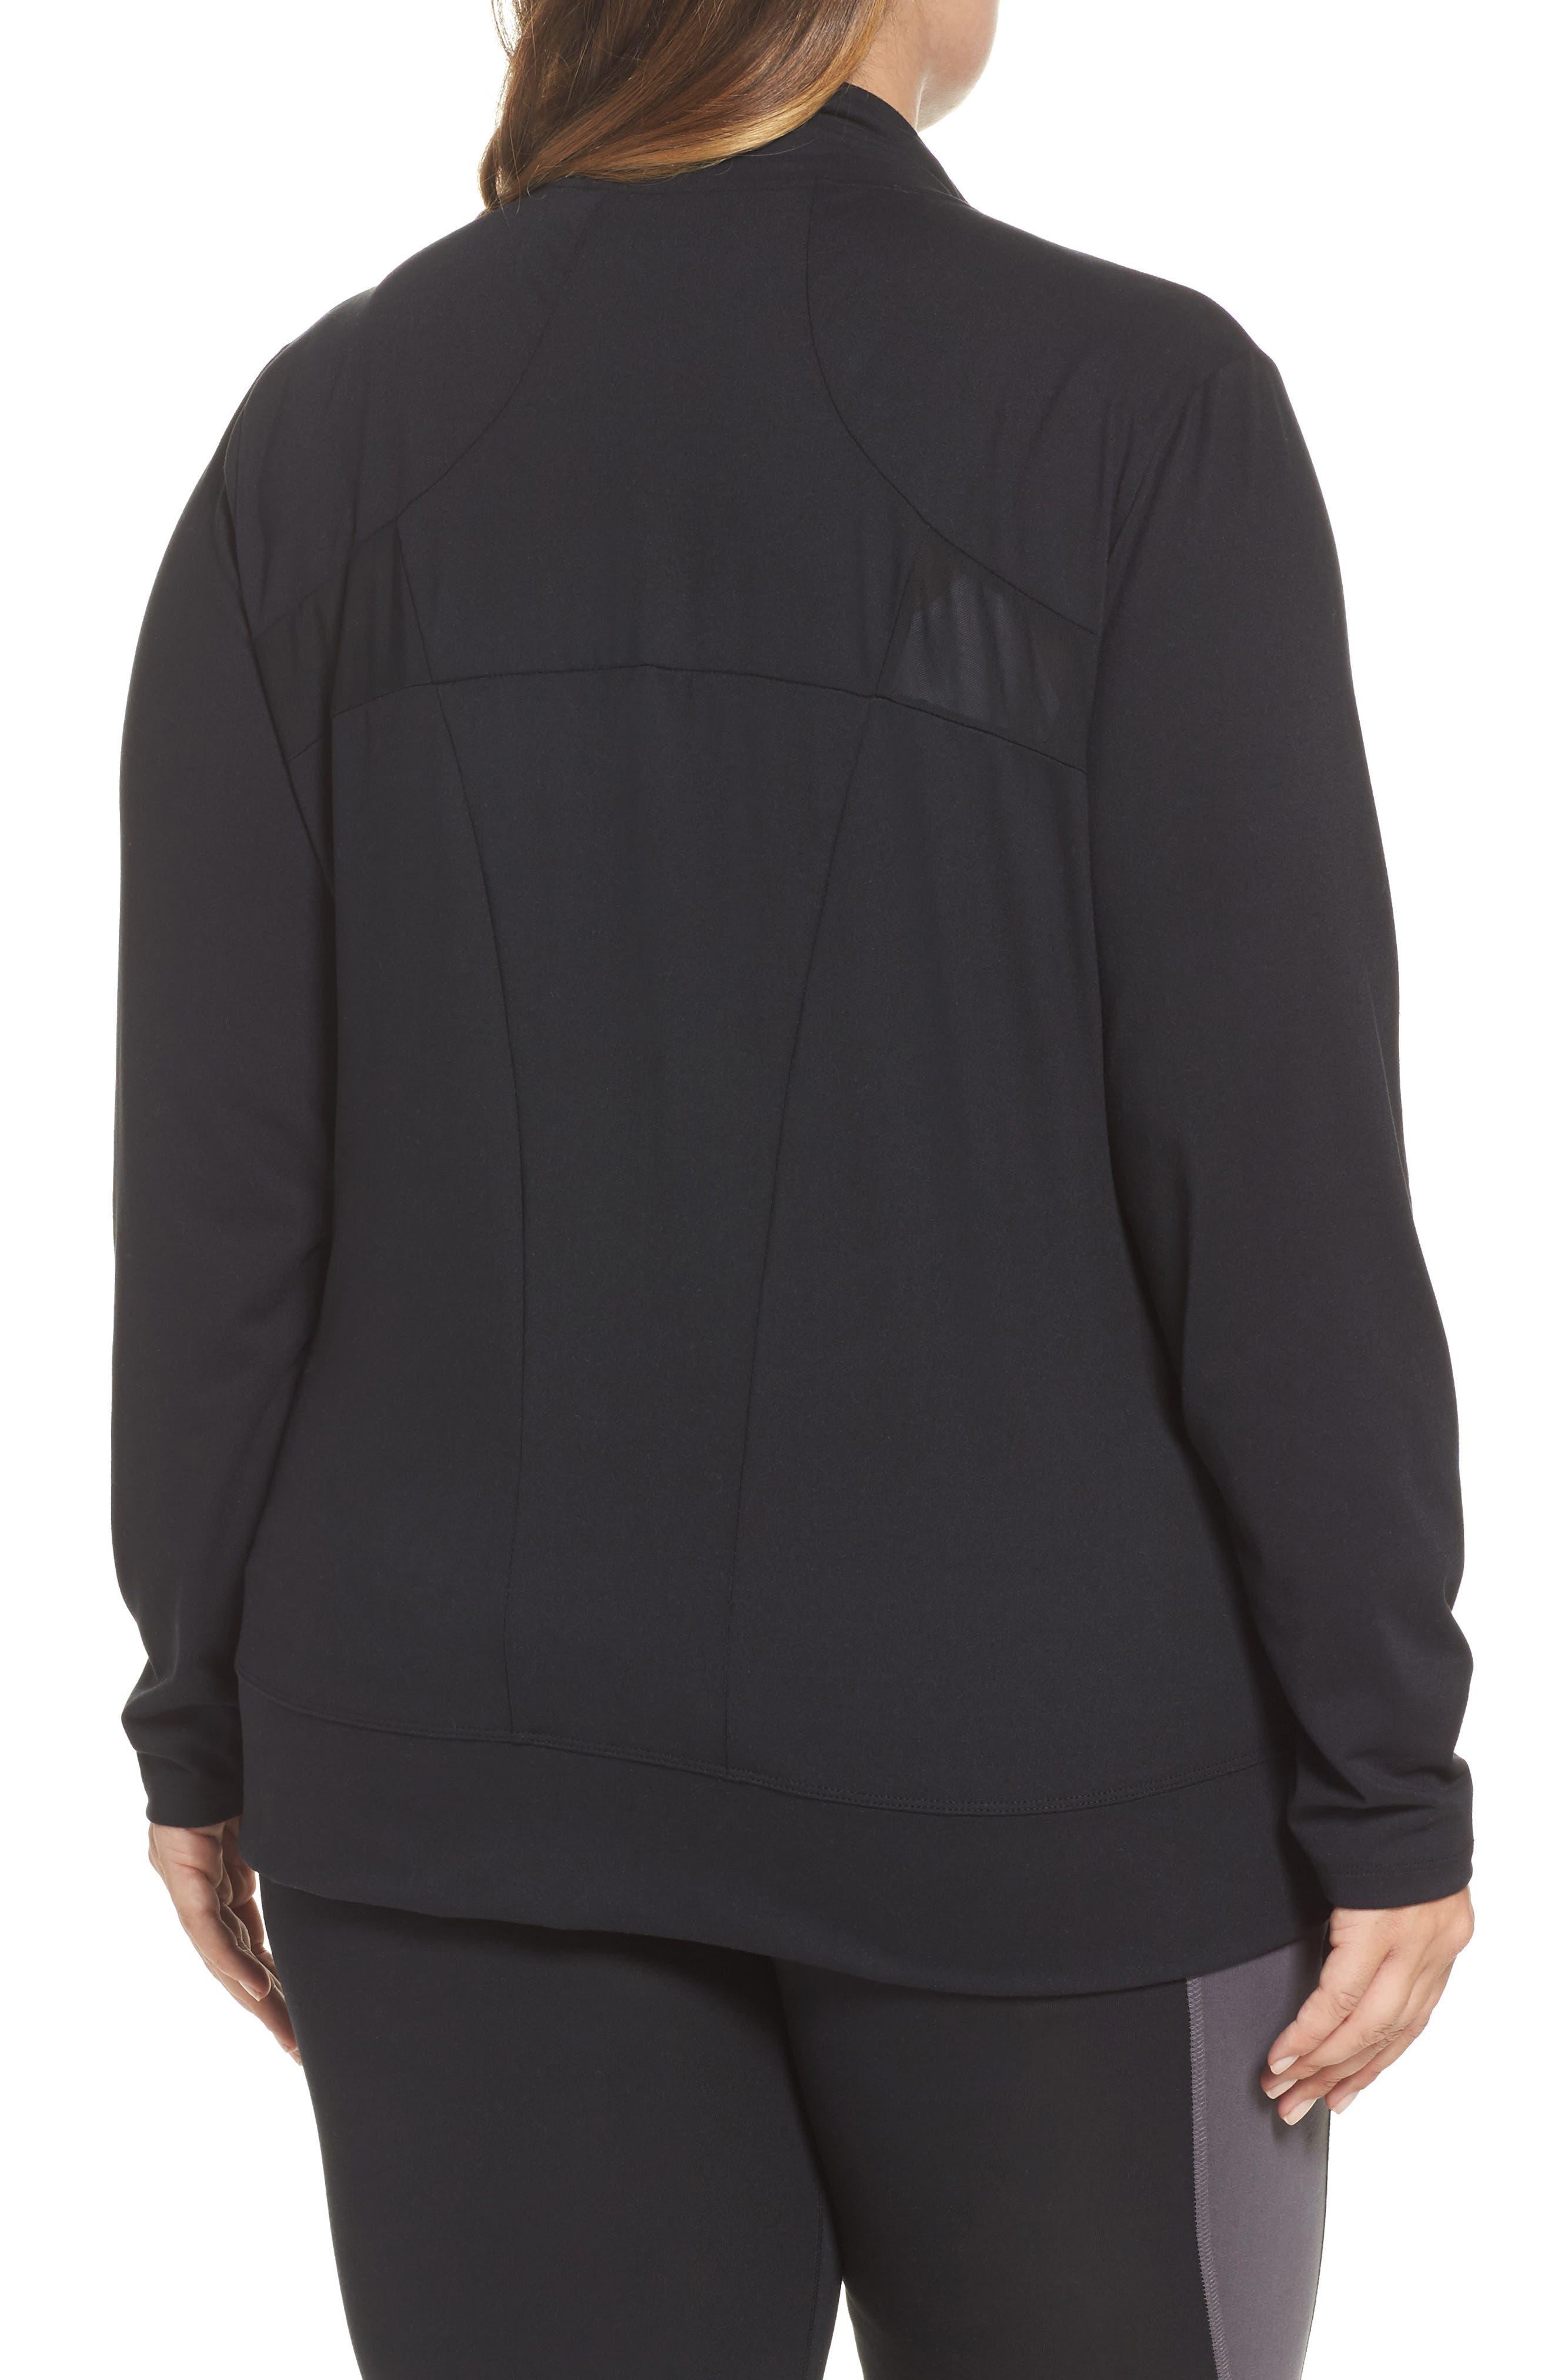 Alternate Image 2  - Marika Curves Adrenaline Jacket (Plus Size)